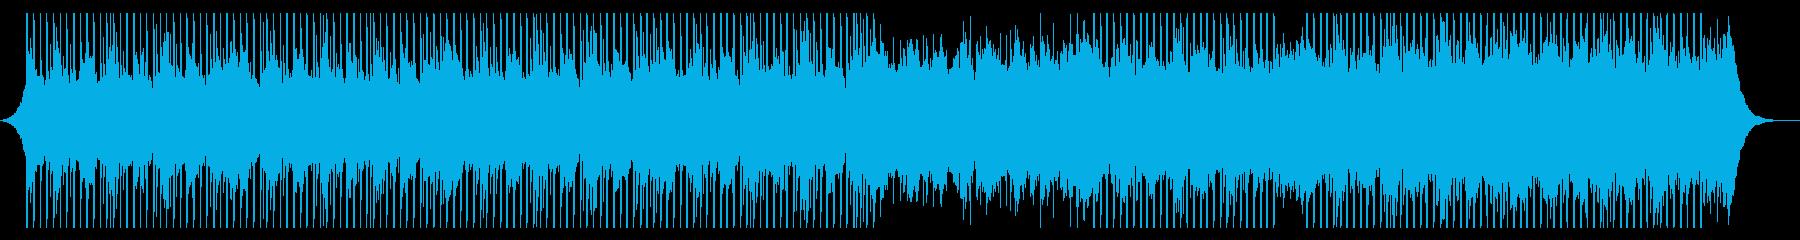 説明者の音楽の再生済みの波形